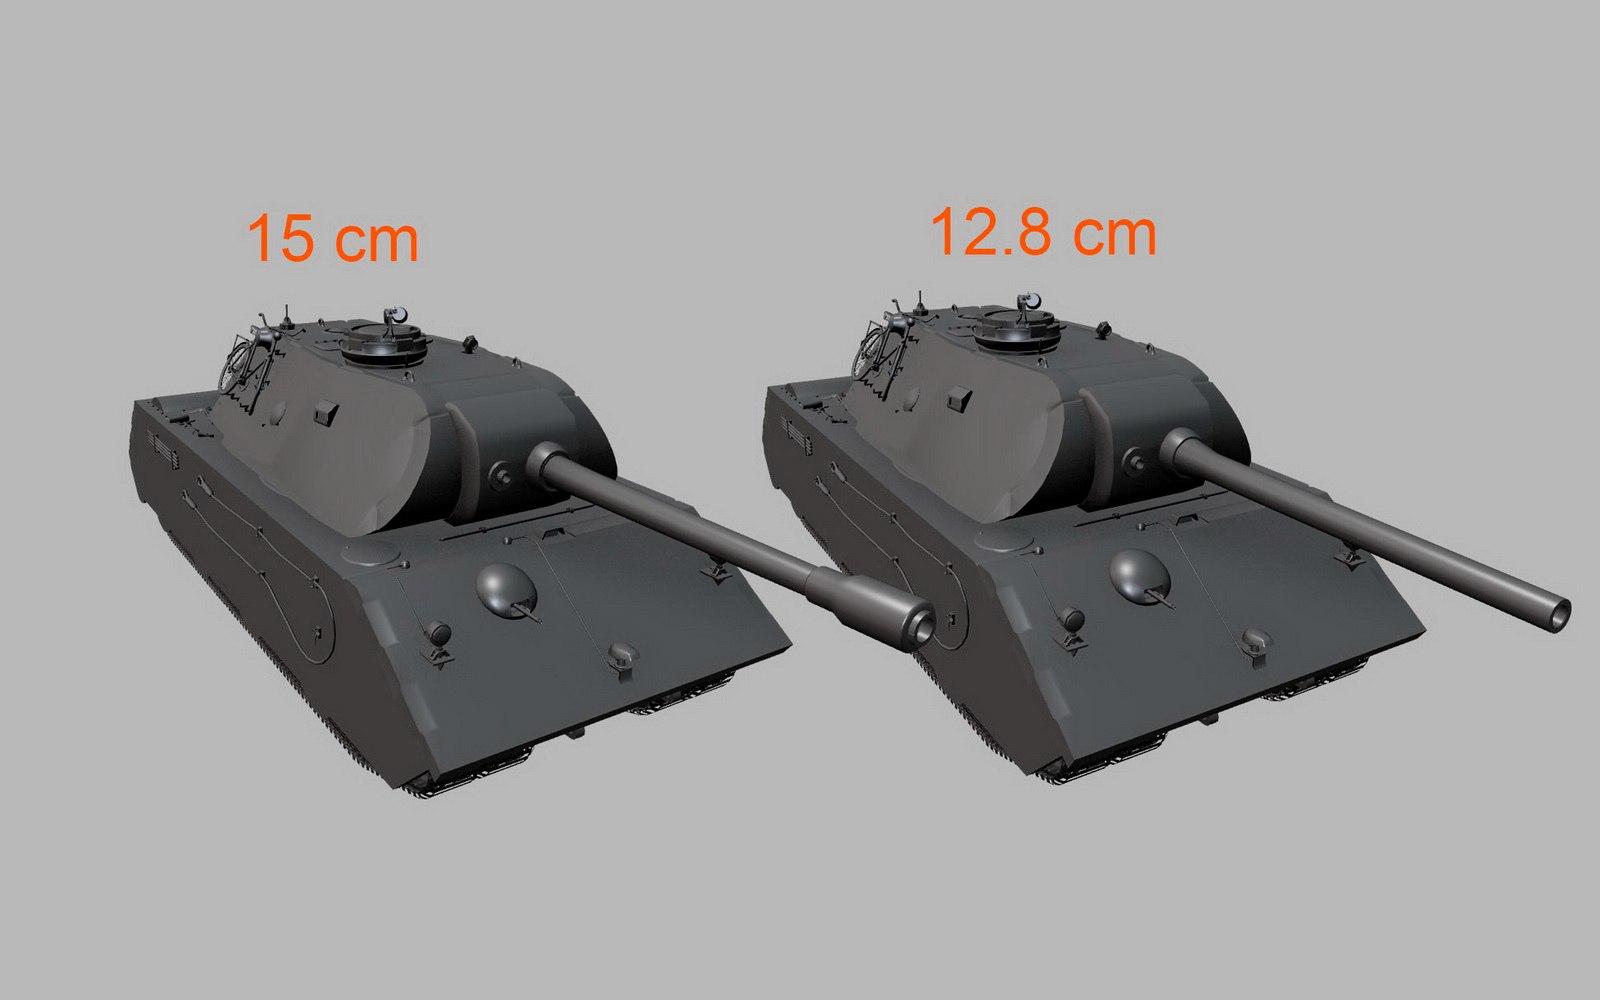 vk variants